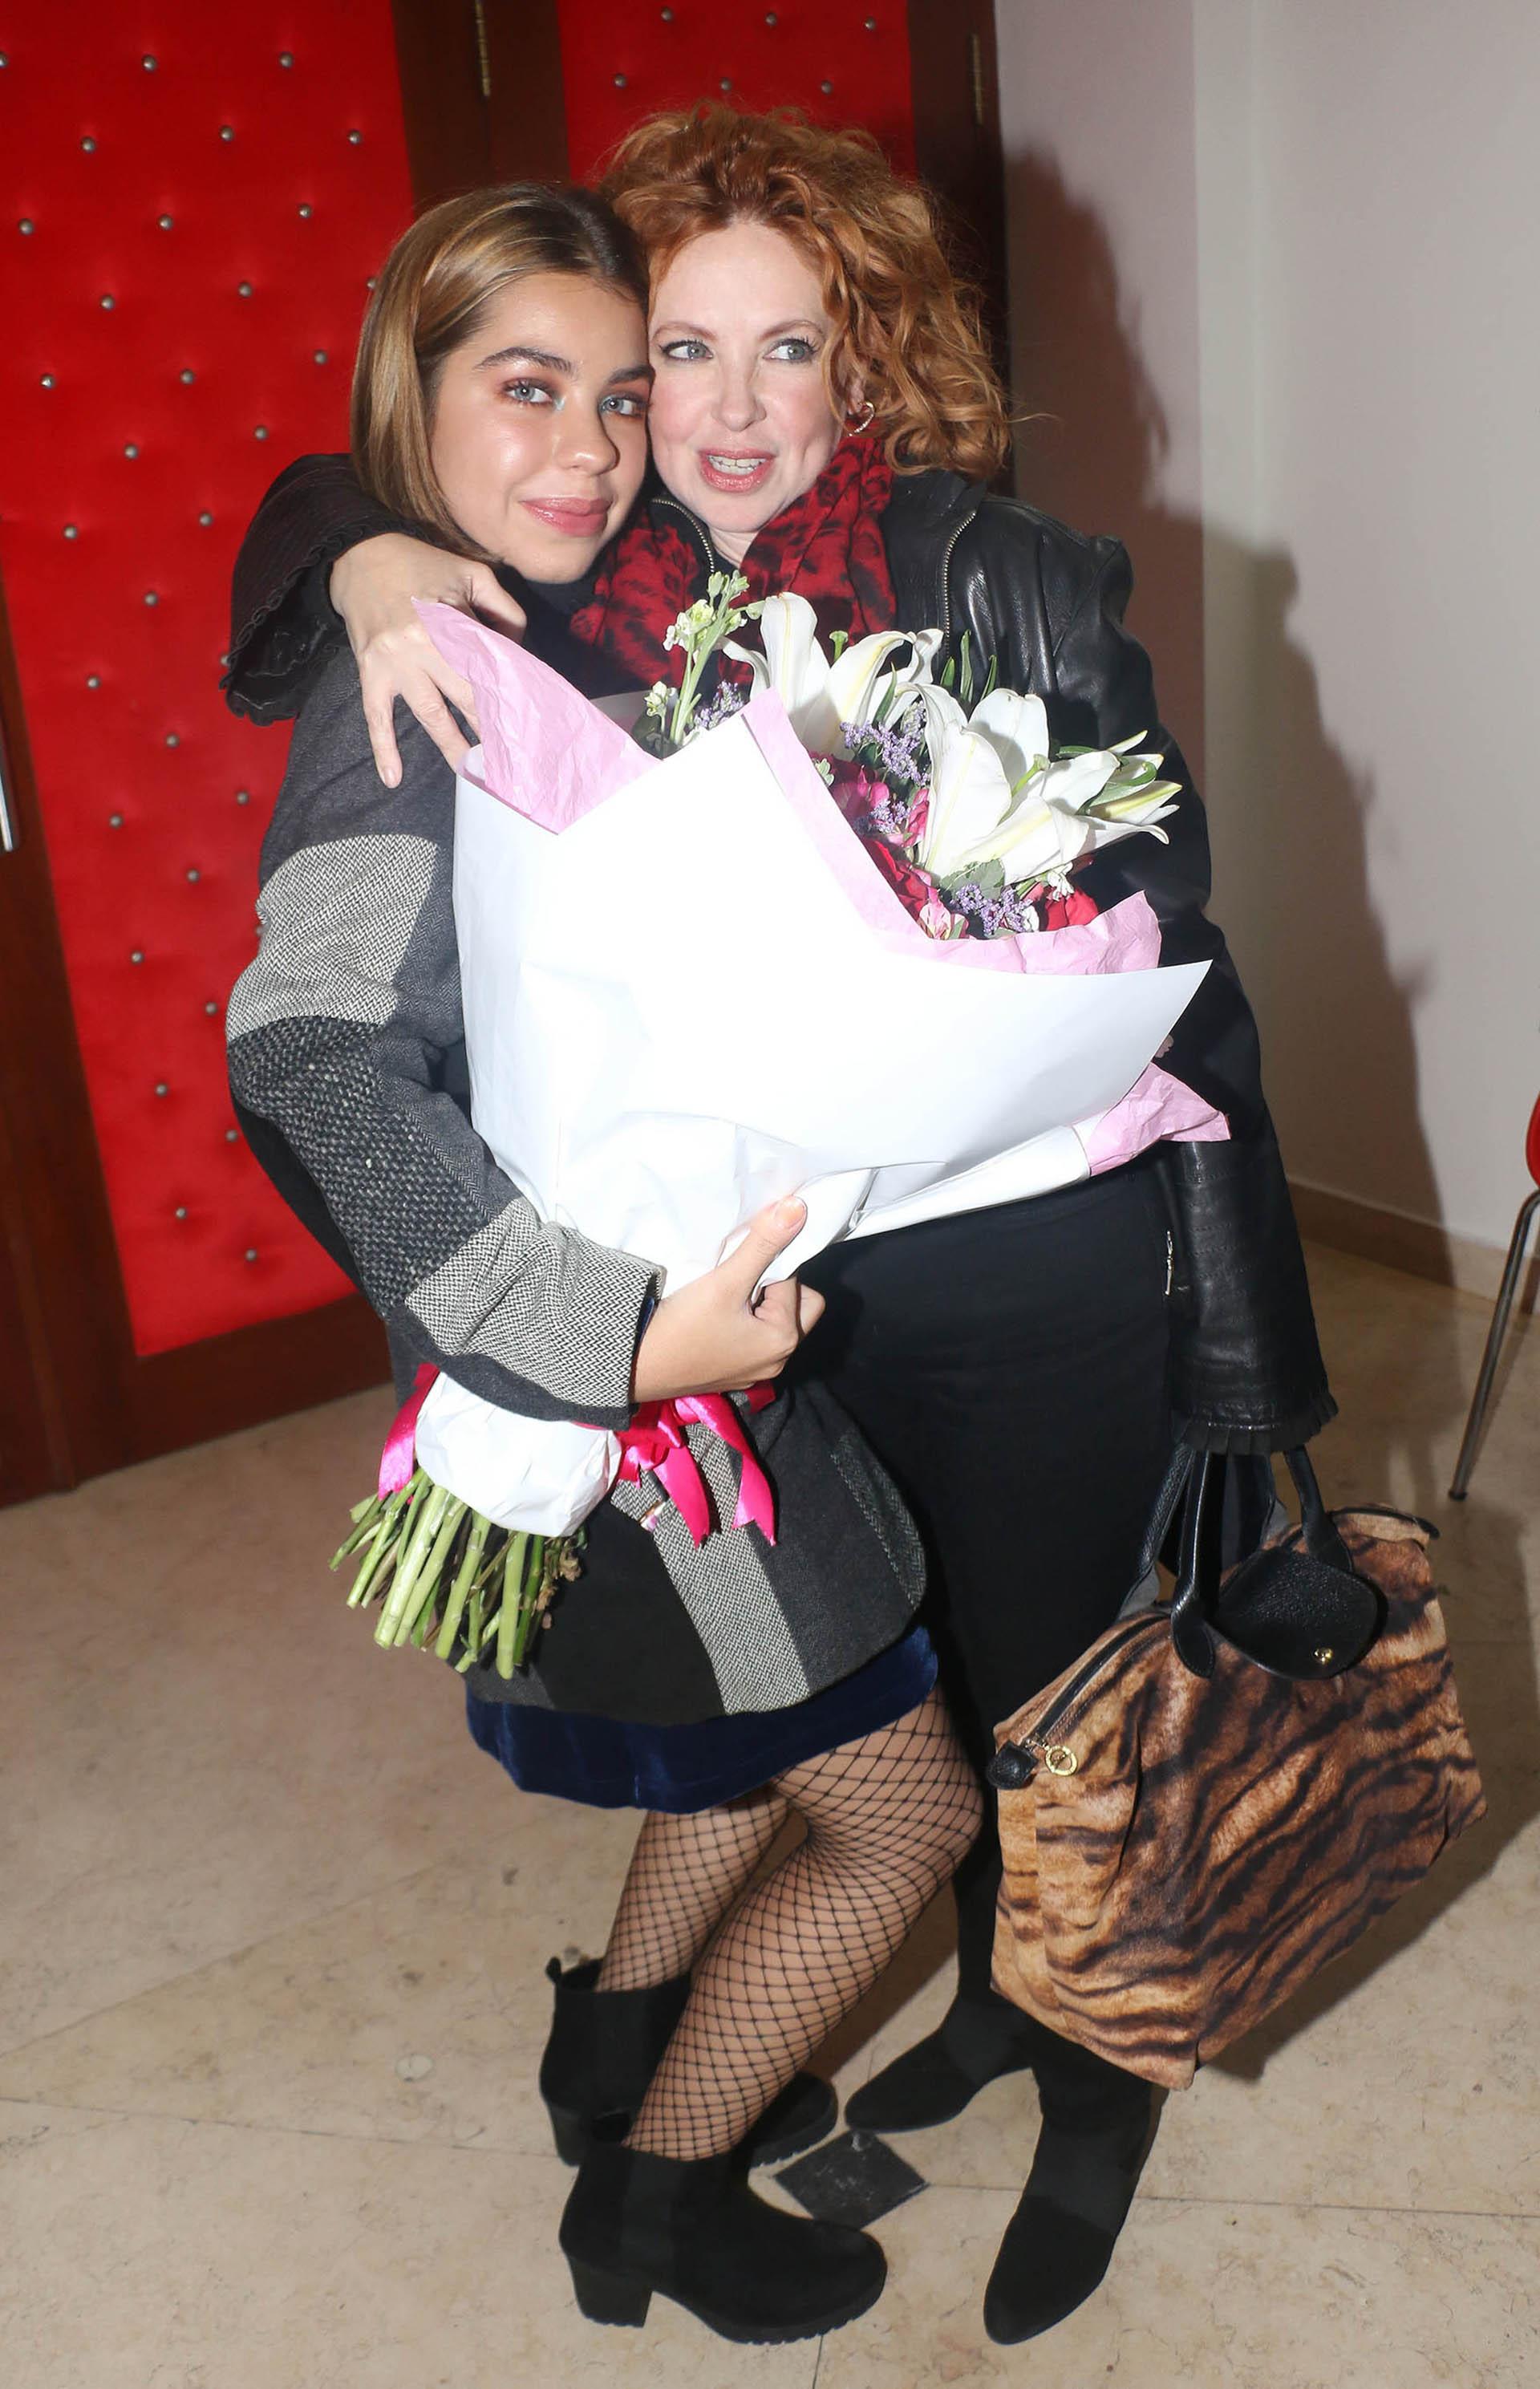 Anna Chiara sorprendió a su madre con un ramo de flores que le entregó al final de la función